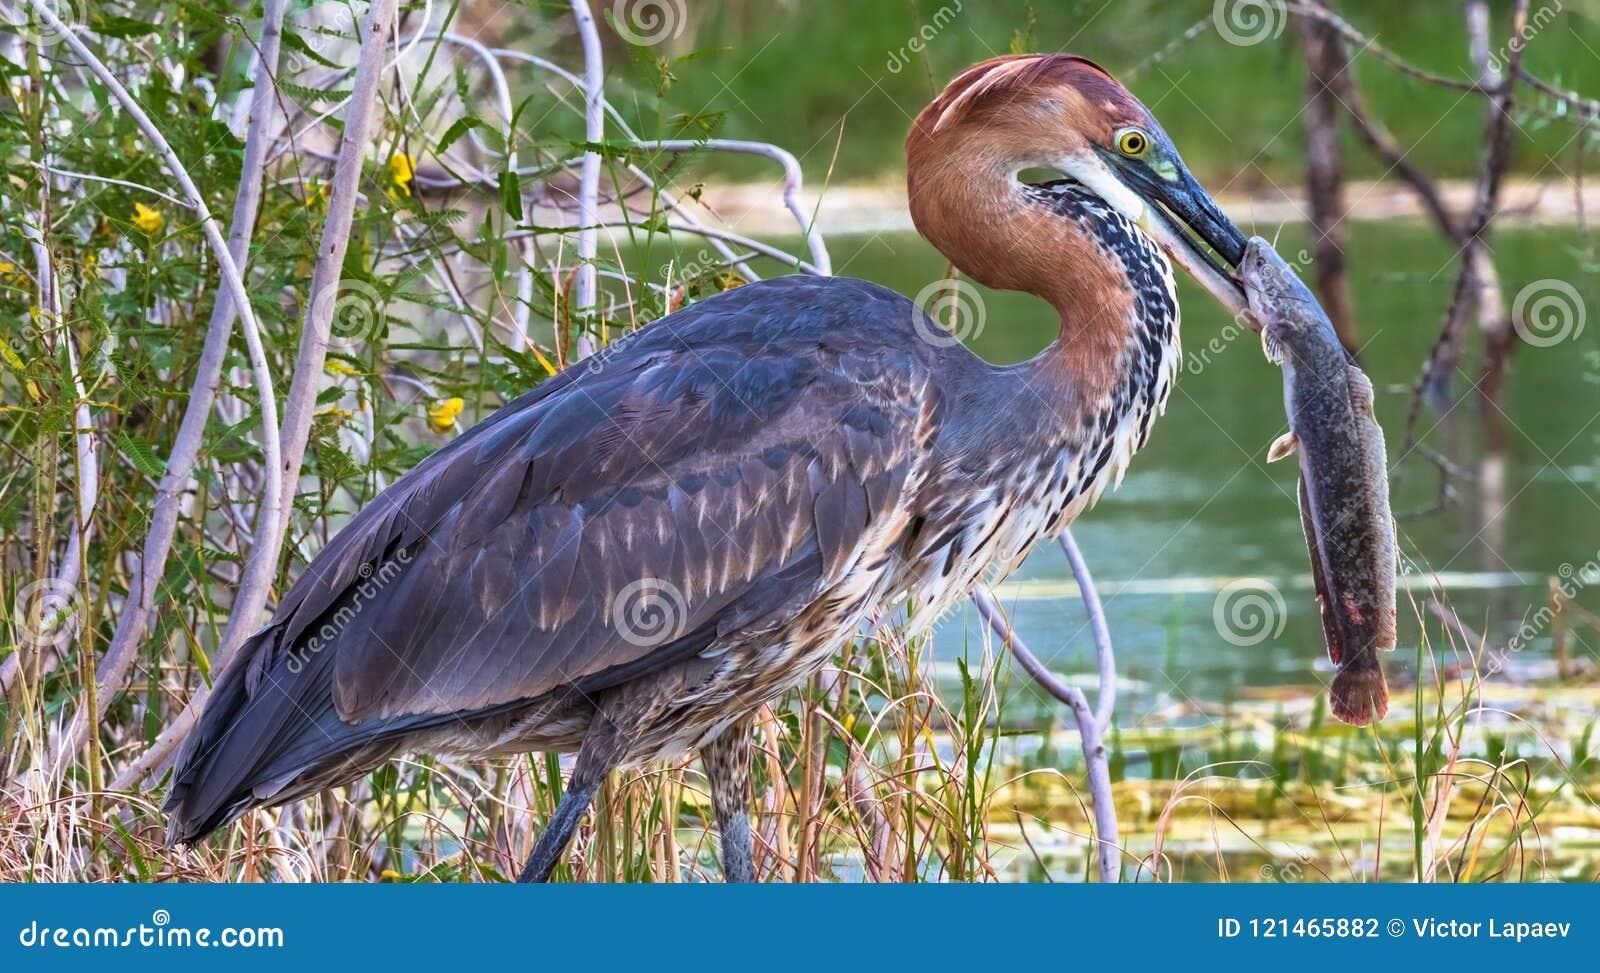 Retrato de un pájaro satisfecho Garza de Goliat con los pescados Lago Baringo, Kenia